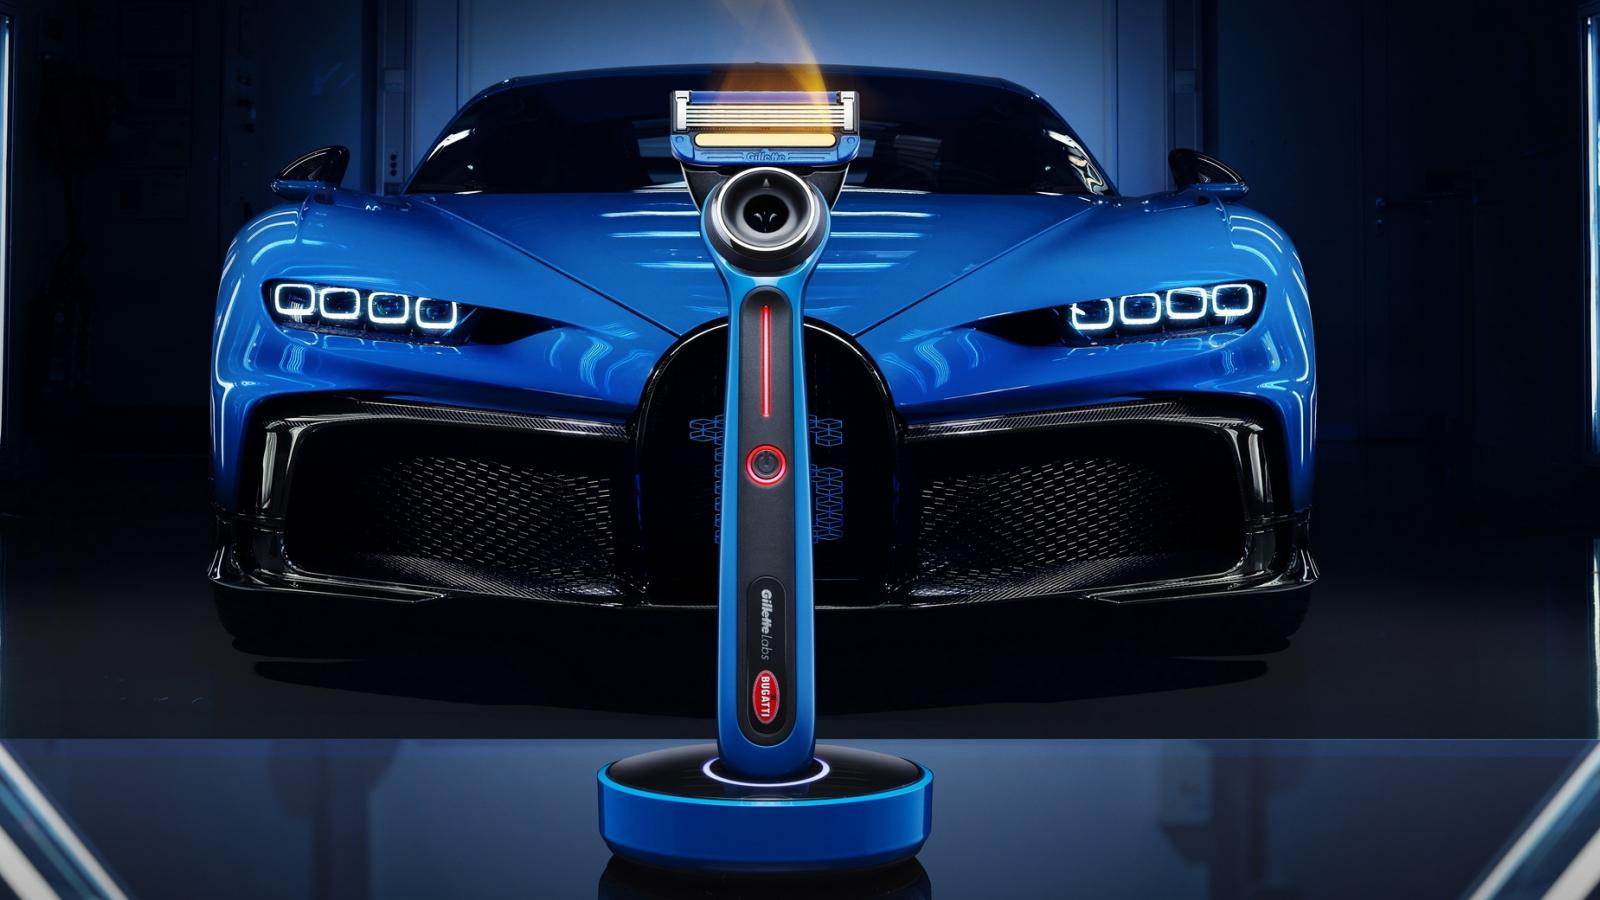 Hãng siêu xe Bugatti hợp tác cùng Gillette để làm dao cạo râu